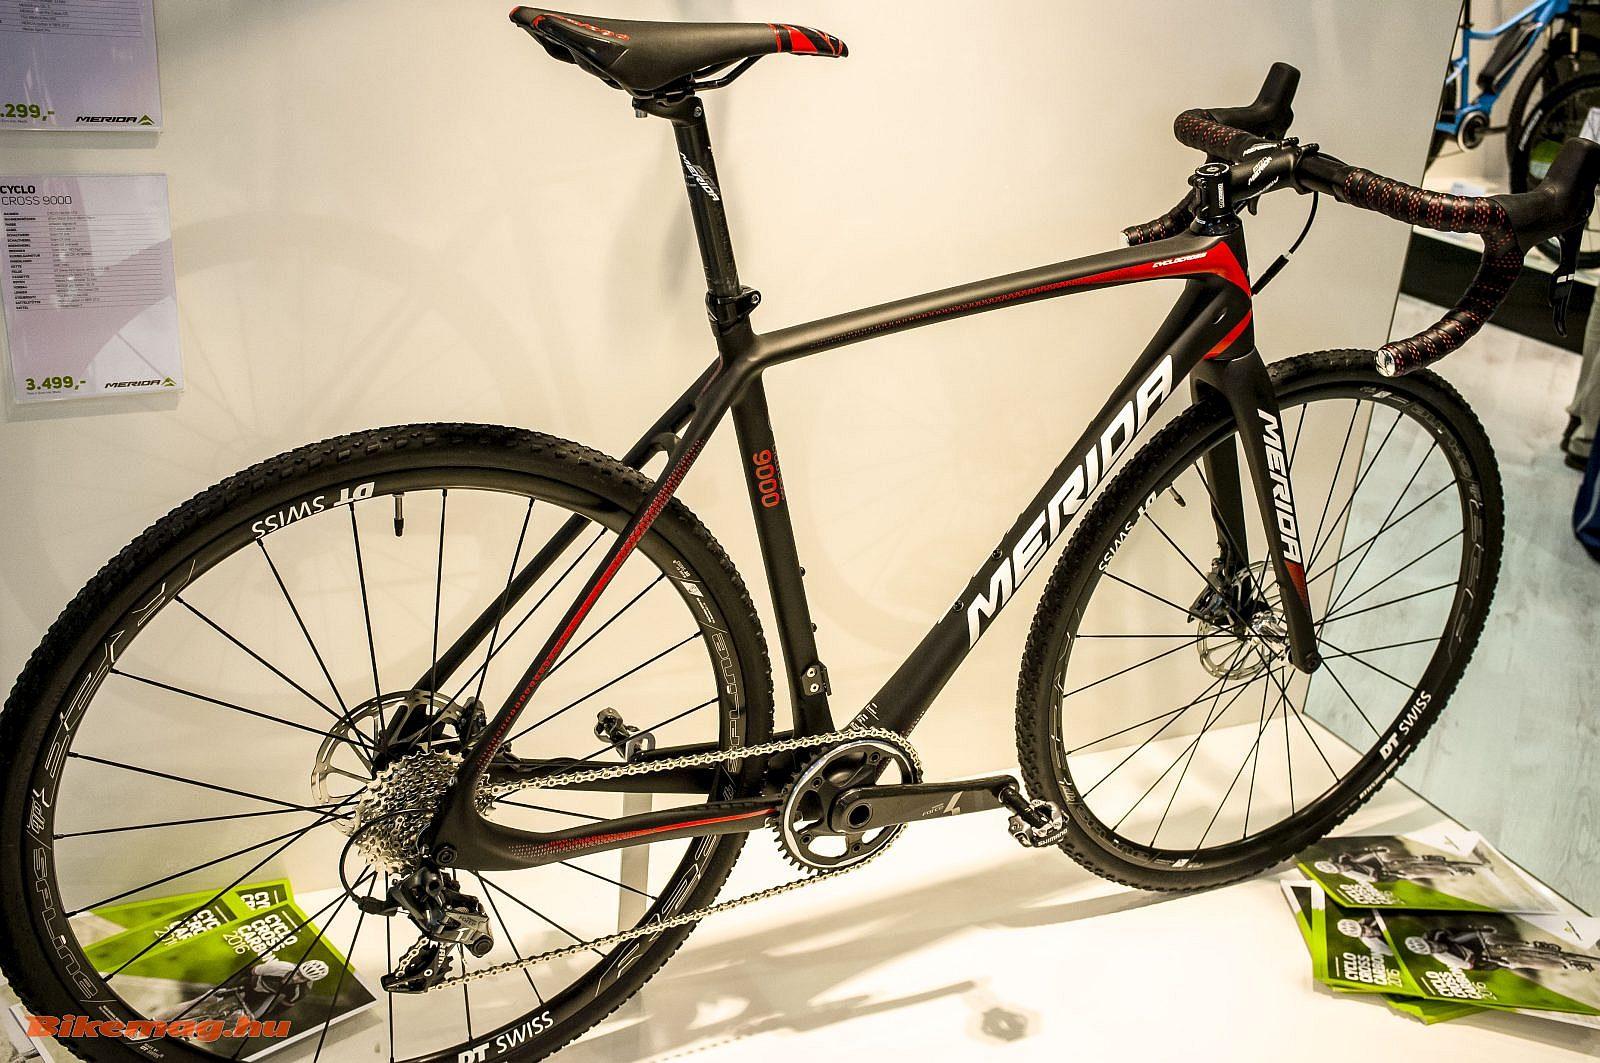 Új karbon Merida Cyclocross kerékpárok - a képen a CX9000